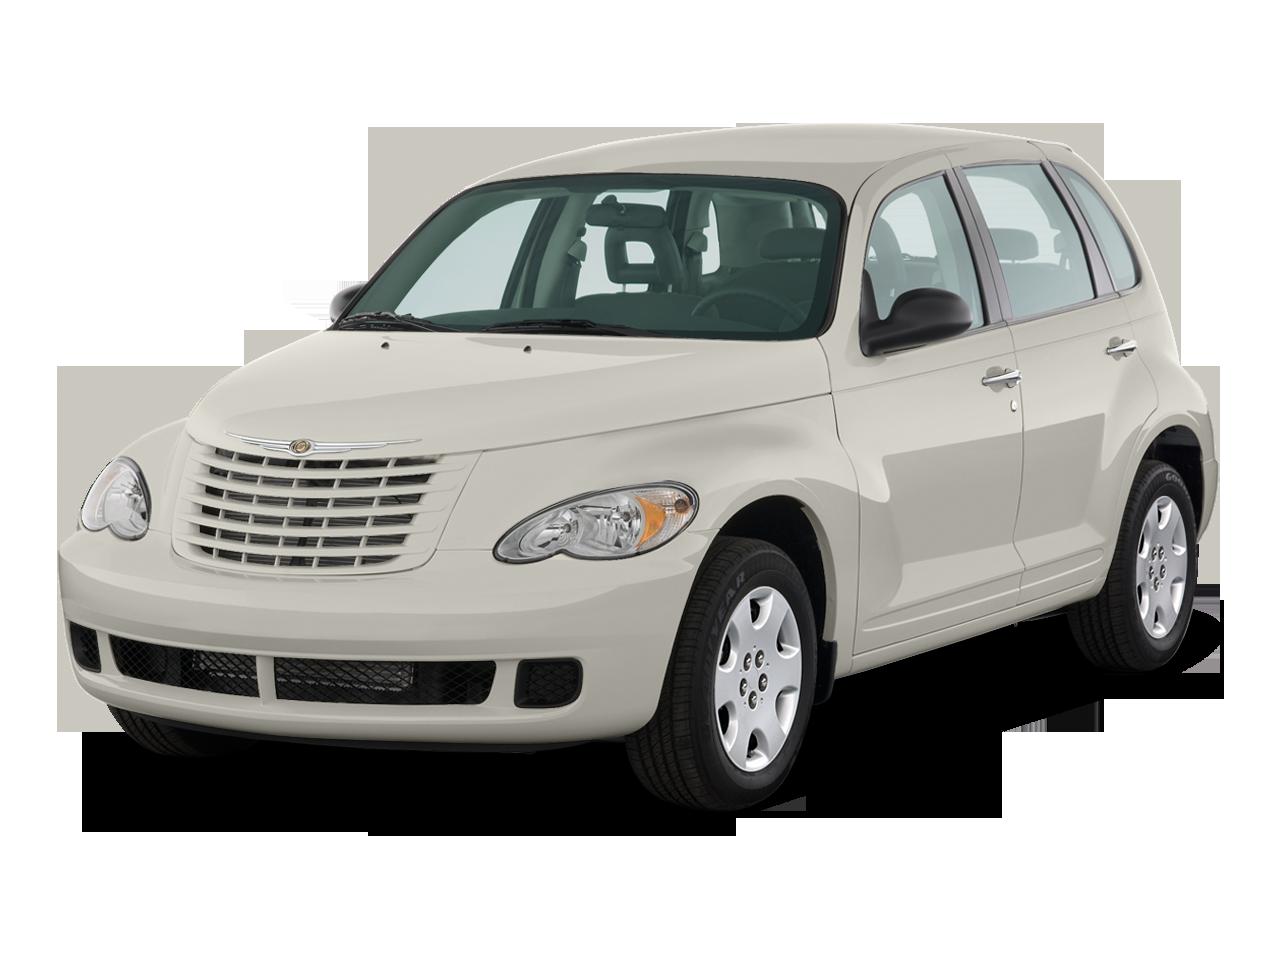 Chrysler Chrysler pt cruiser, Used suv, Chrysler